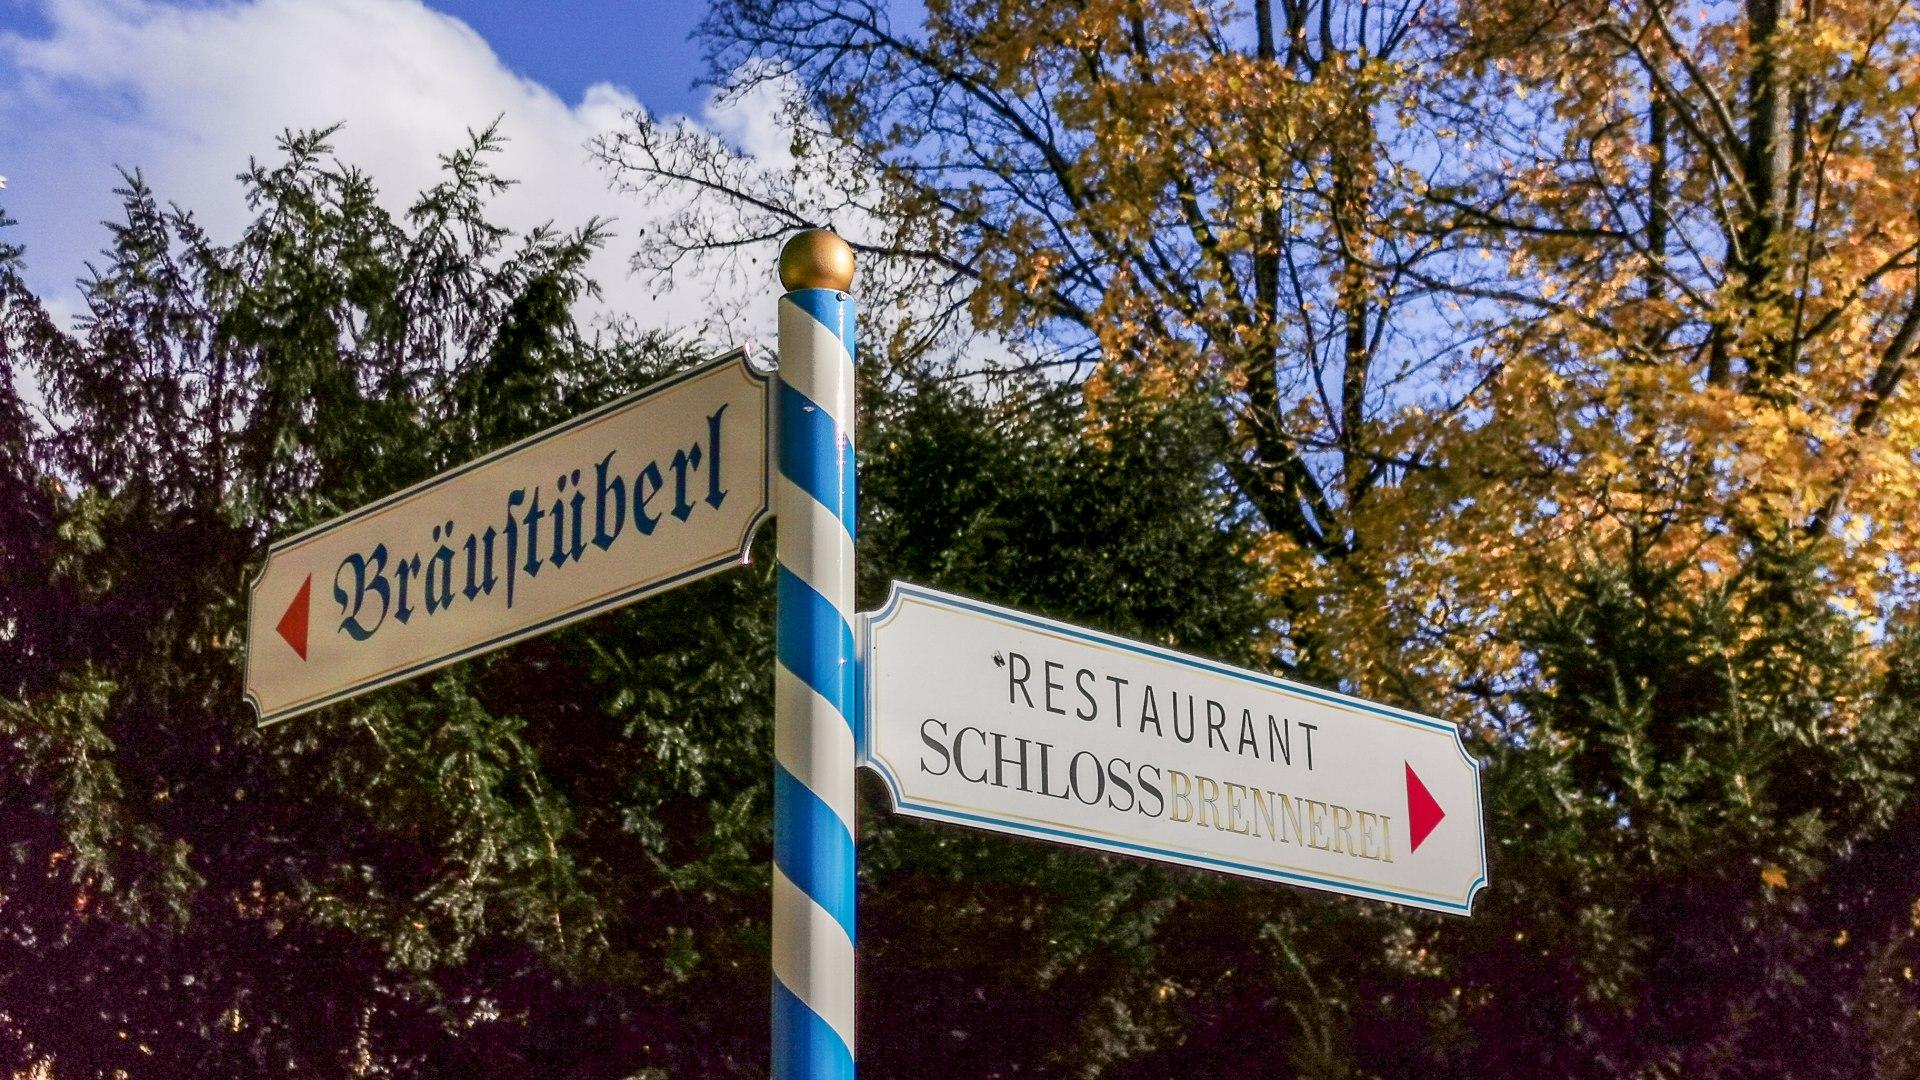 Gastronomie in Tegernsee, © Sabine Ziegler-Musiol